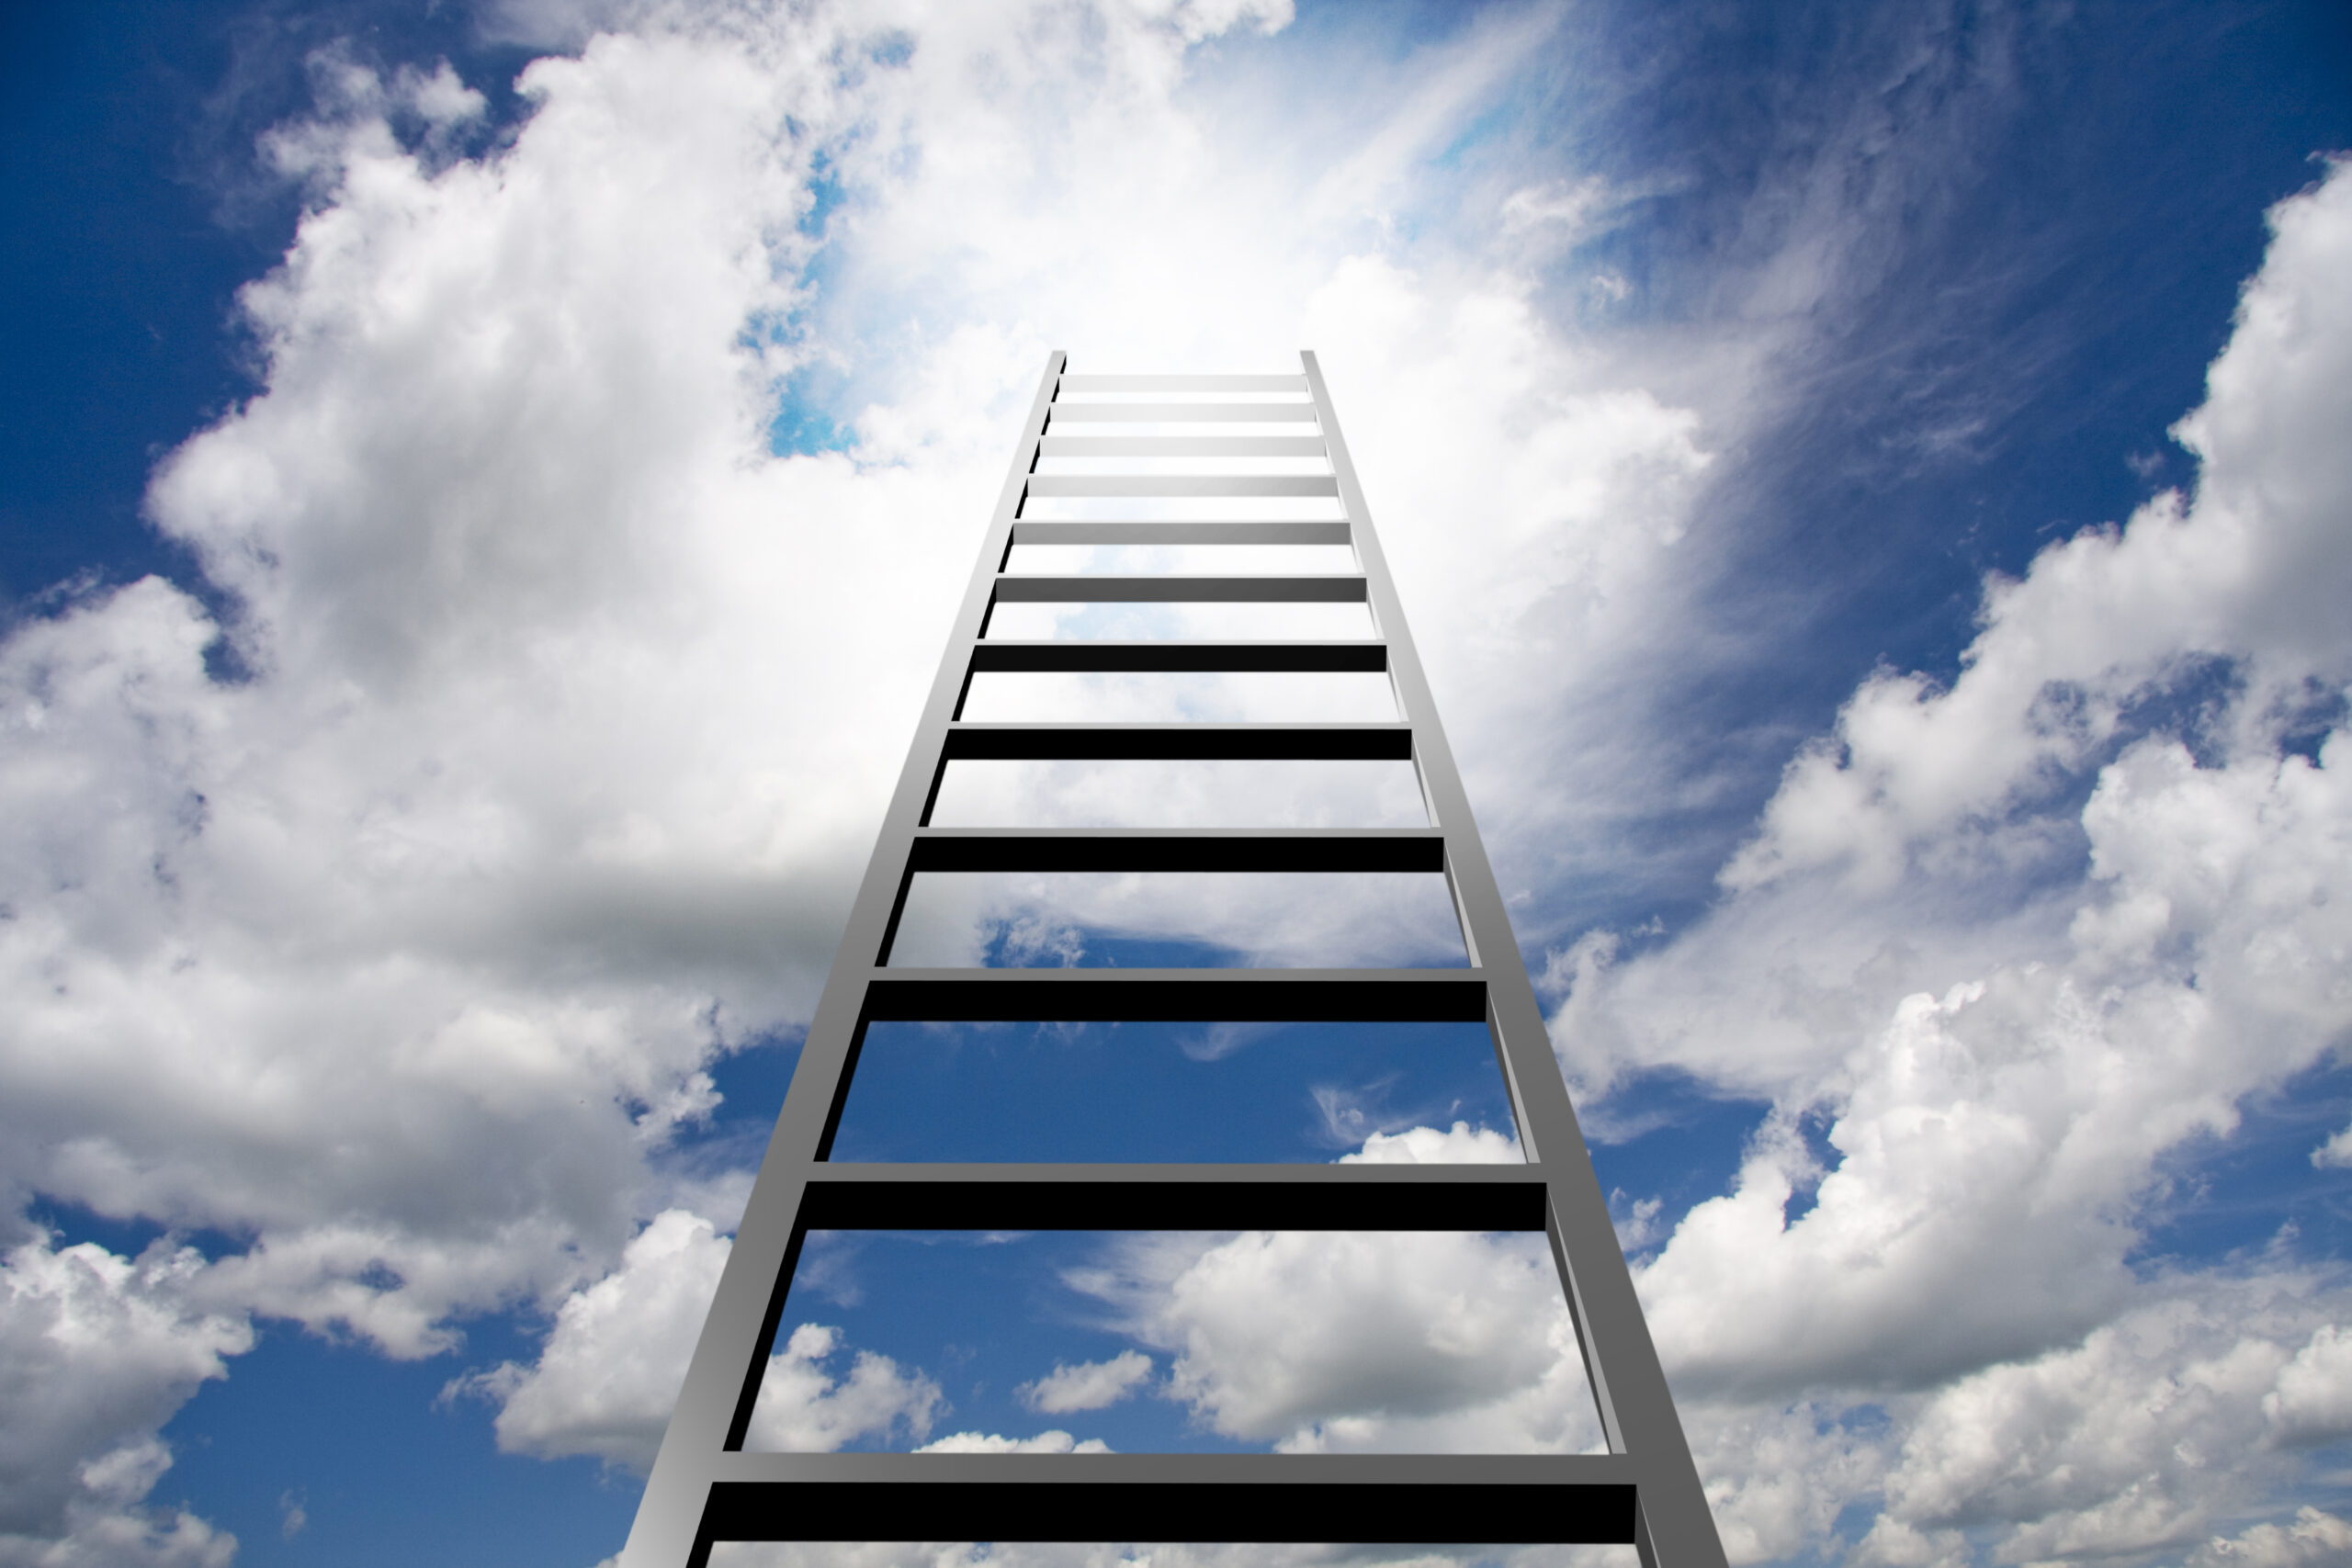 Linger-land or Ladder-land